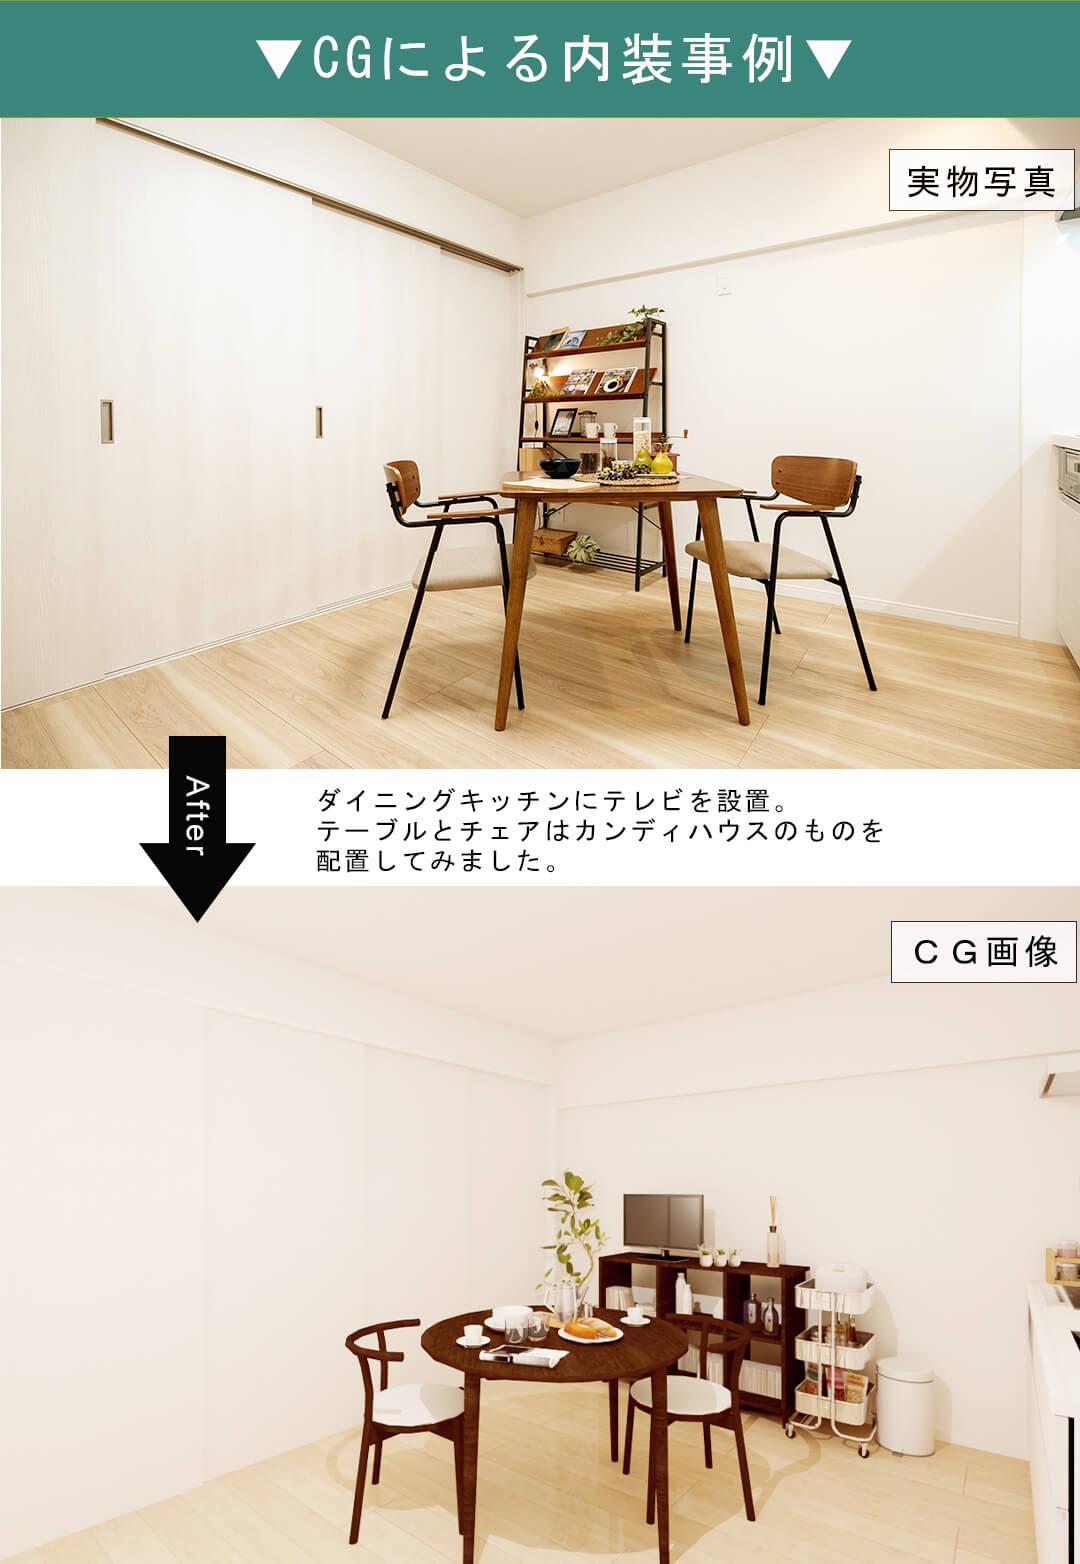 トーア文京マンションのダイニングキッチン内装事例CG